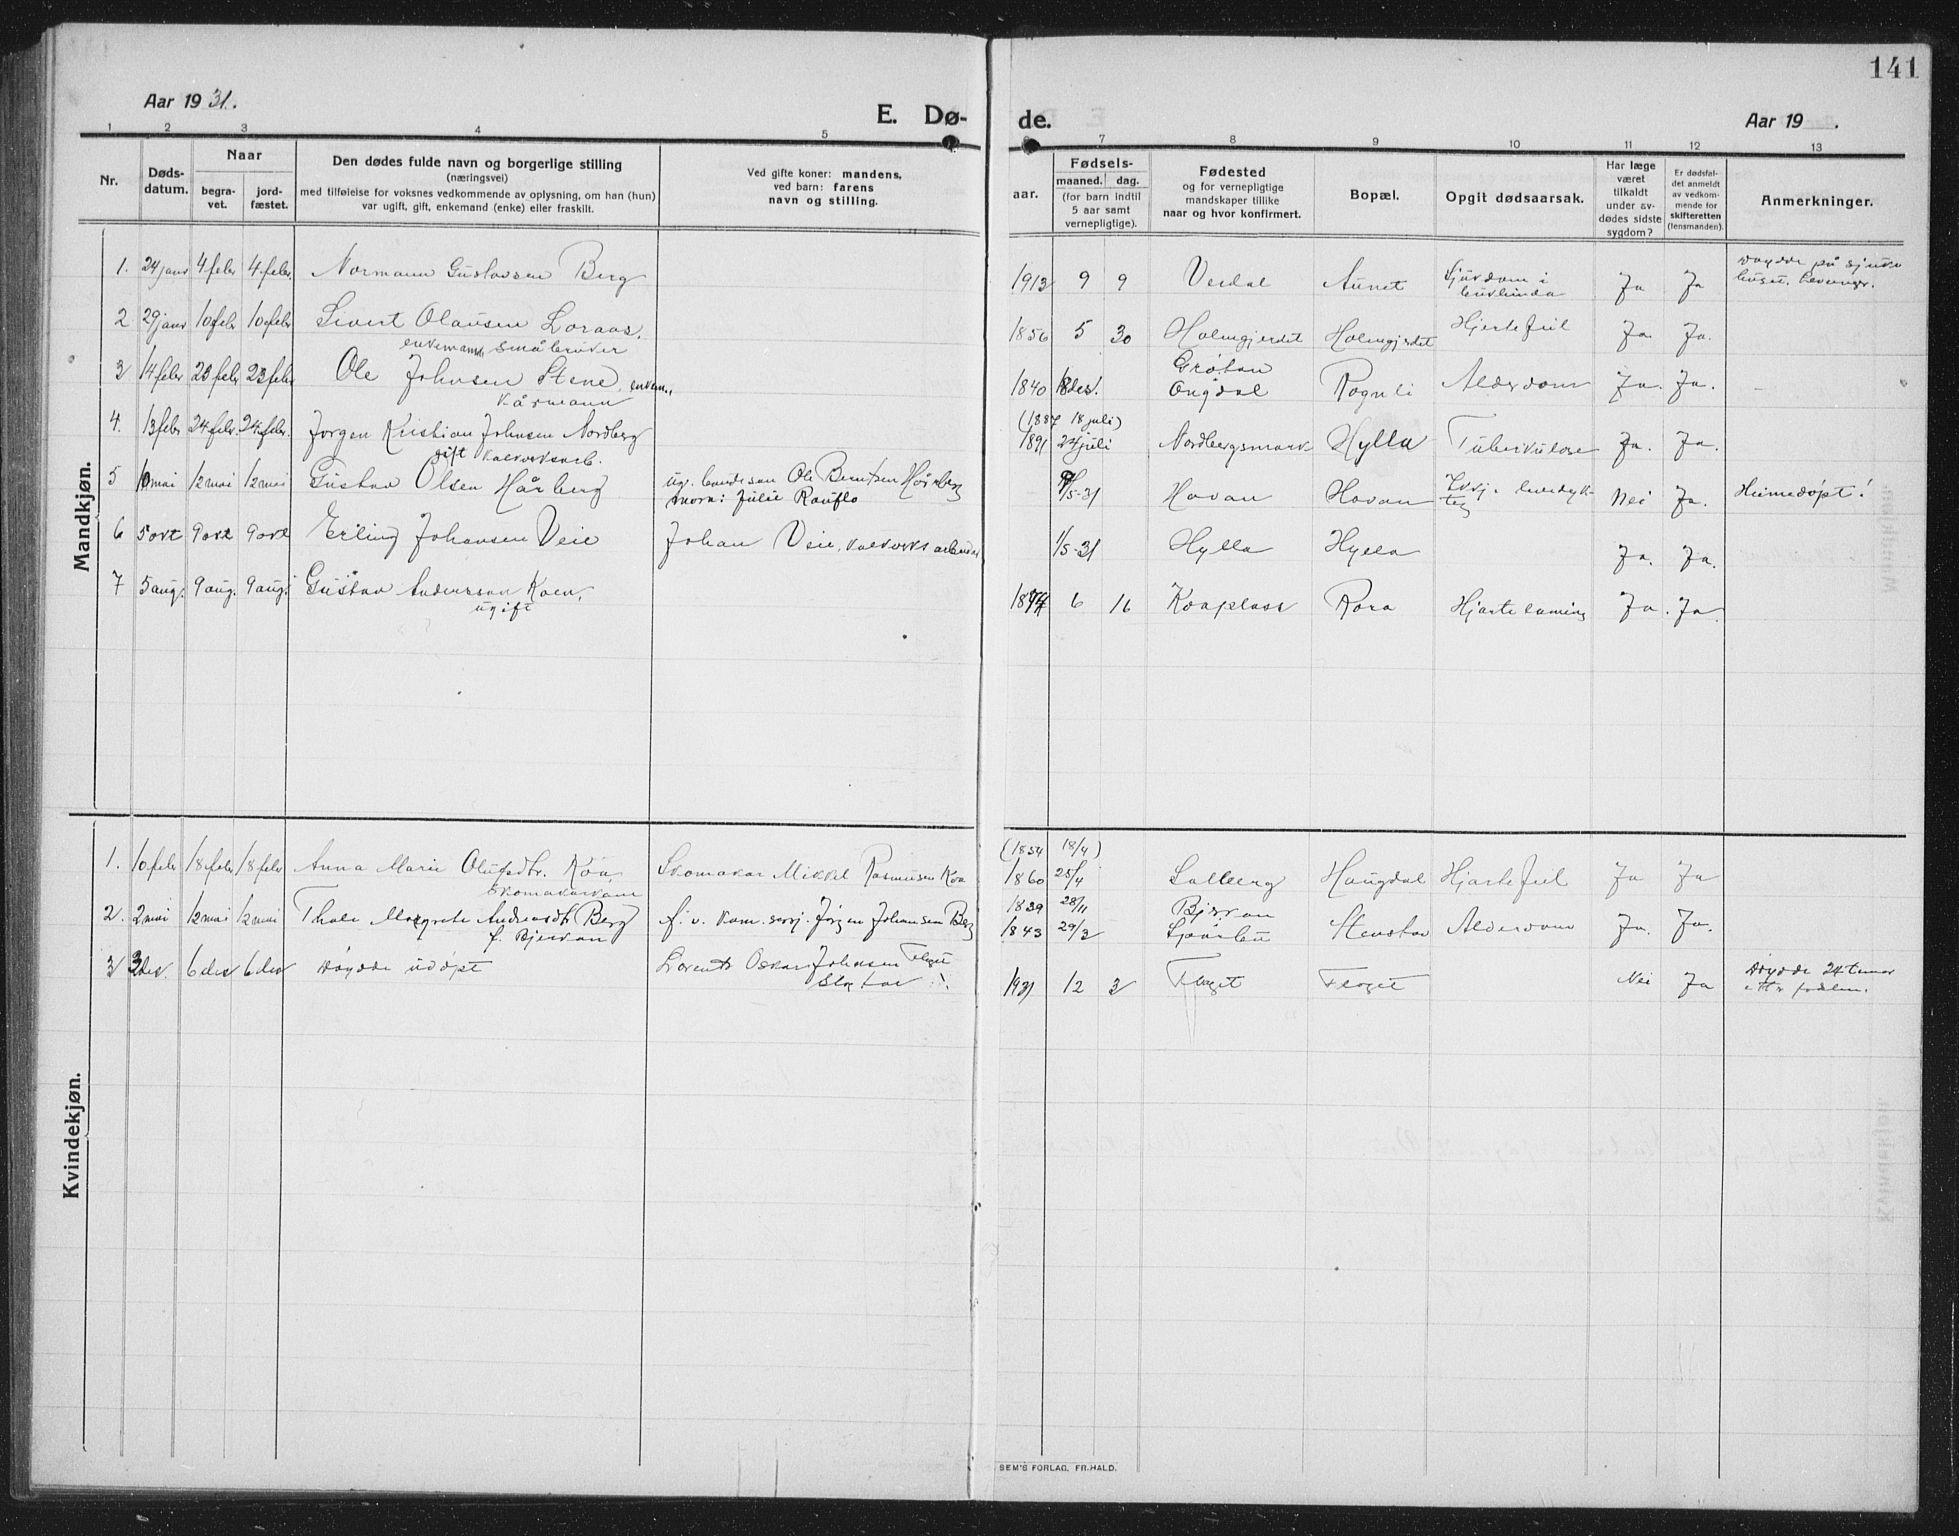 SAT, Ministerialprotokoller, klokkerbøker og fødselsregistre - Nord-Trøndelag, 731/L0312: Klokkerbok nr. 731C03, 1911-1935, s. 141